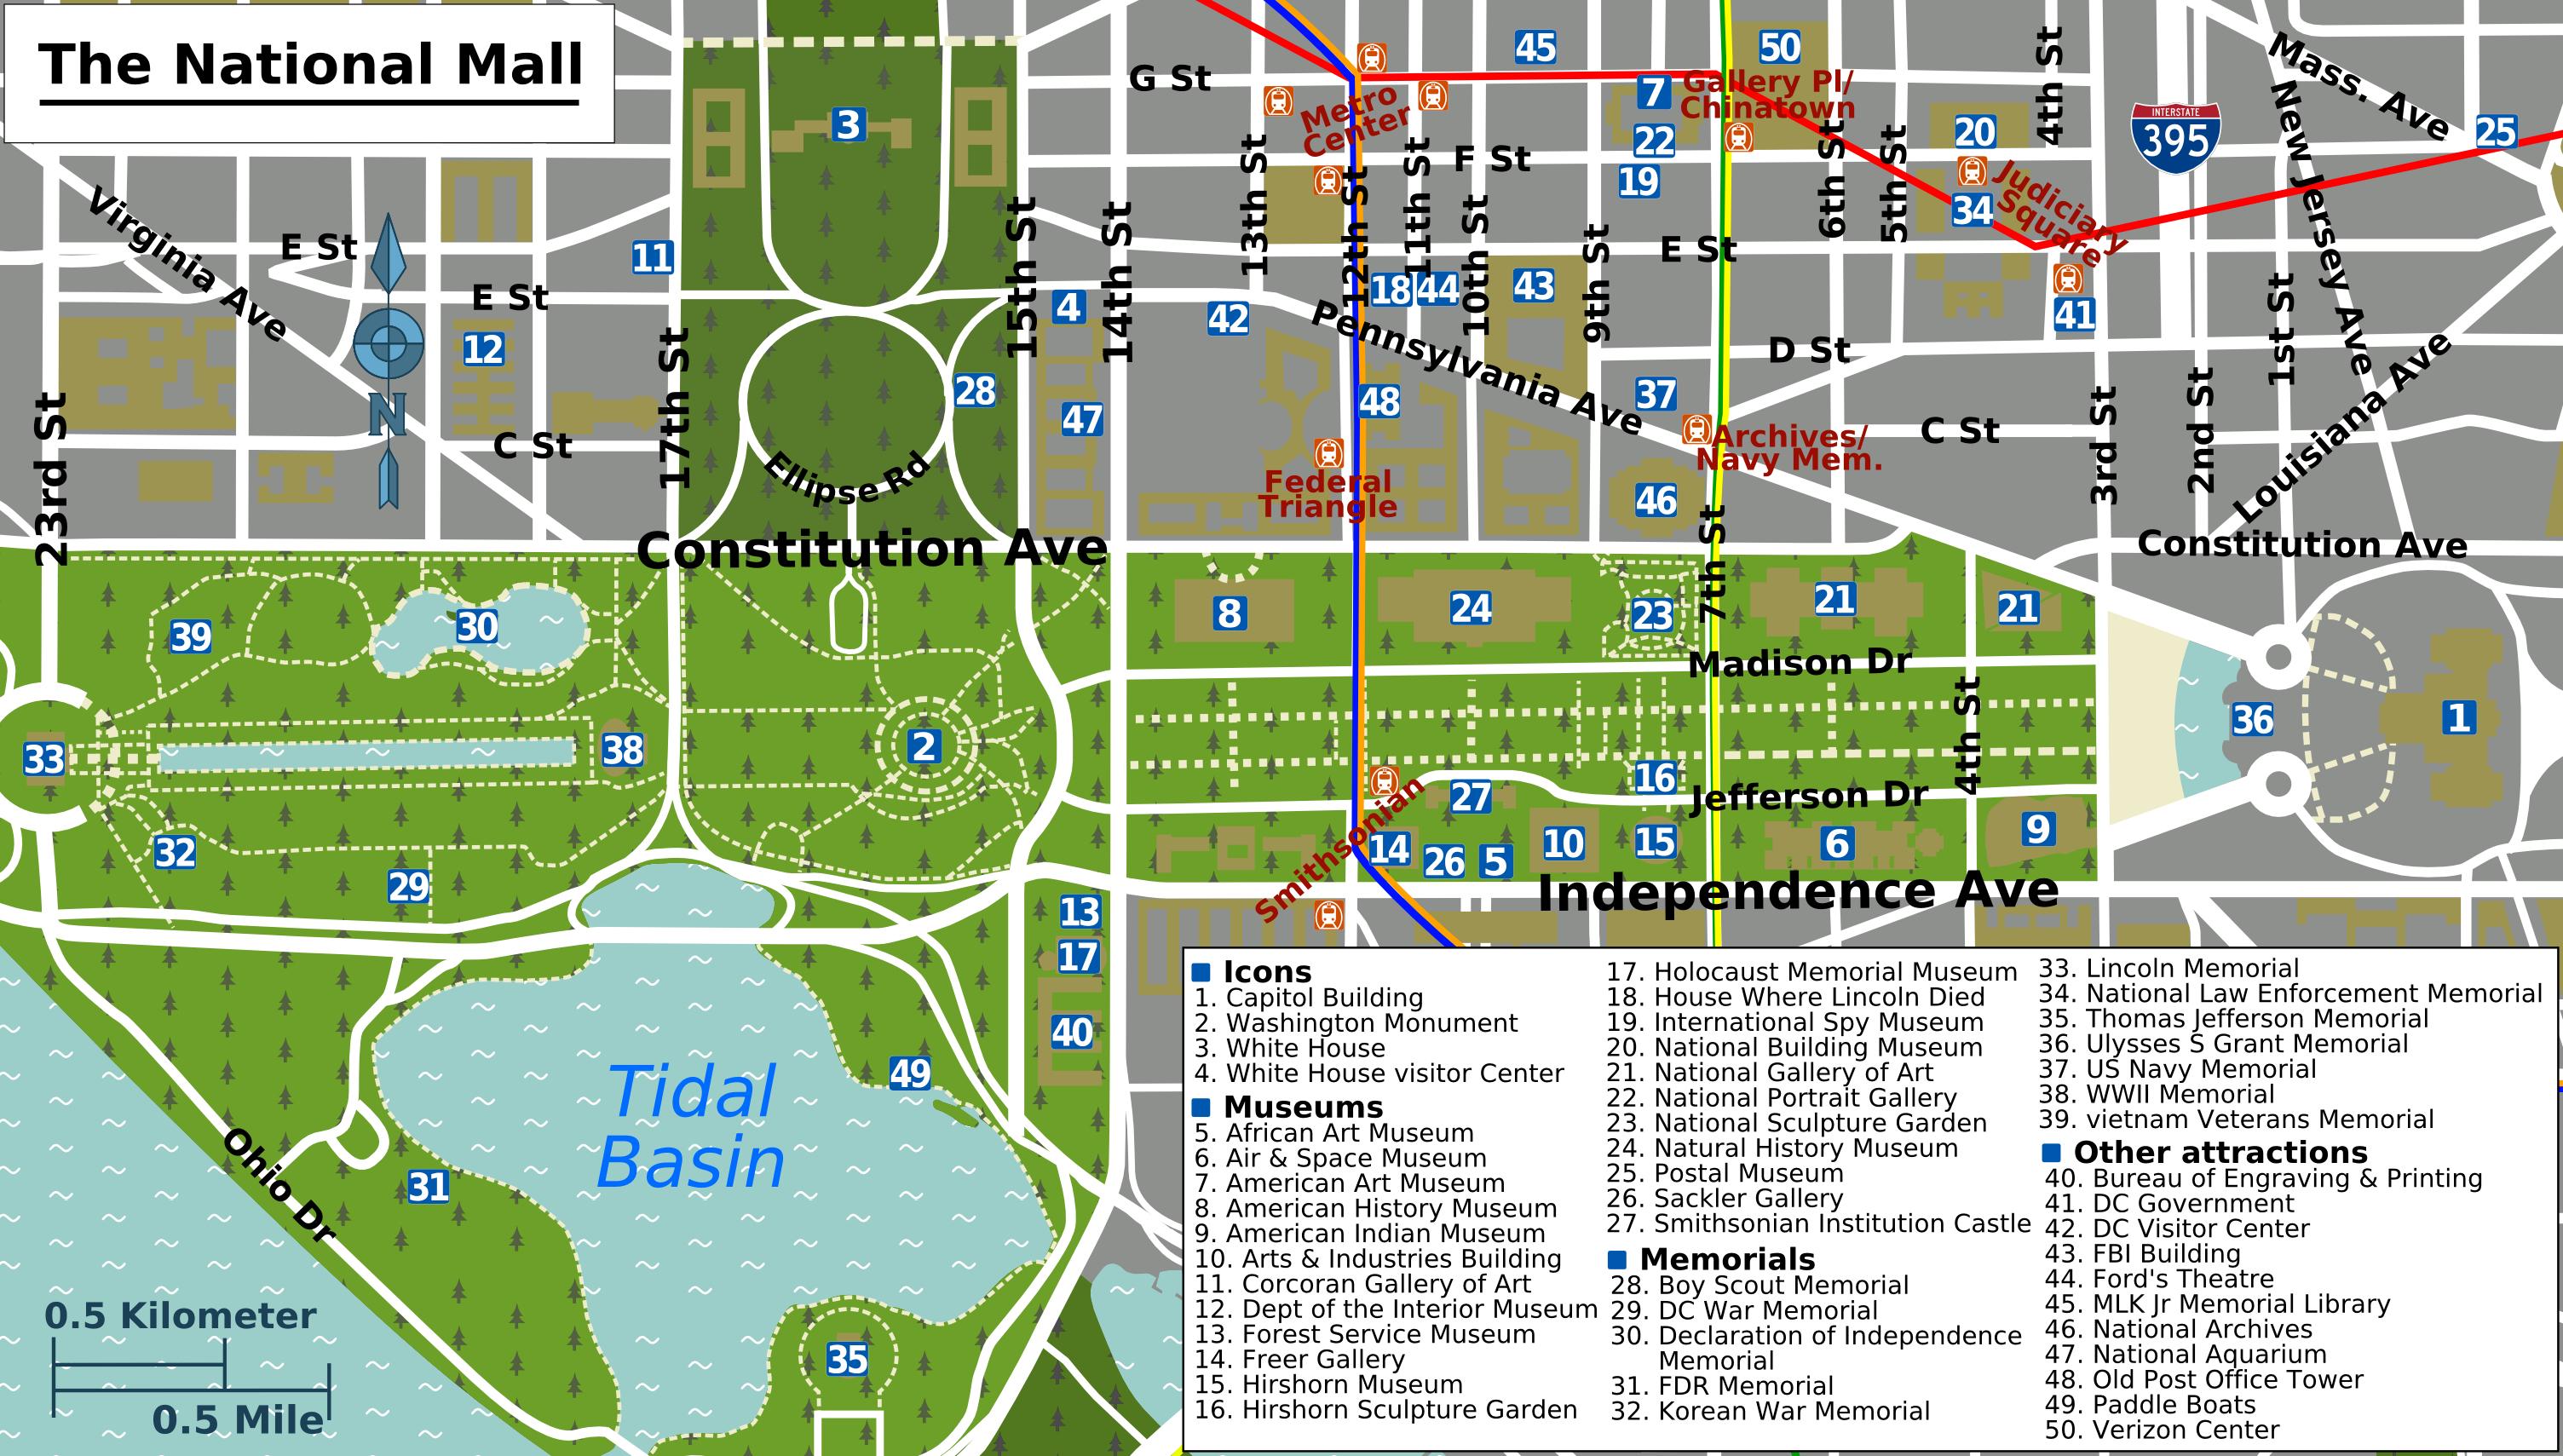 Printable Map Washington Dc | National Mall Map - Washington Dc - Washington Dc Tourist Map Printable